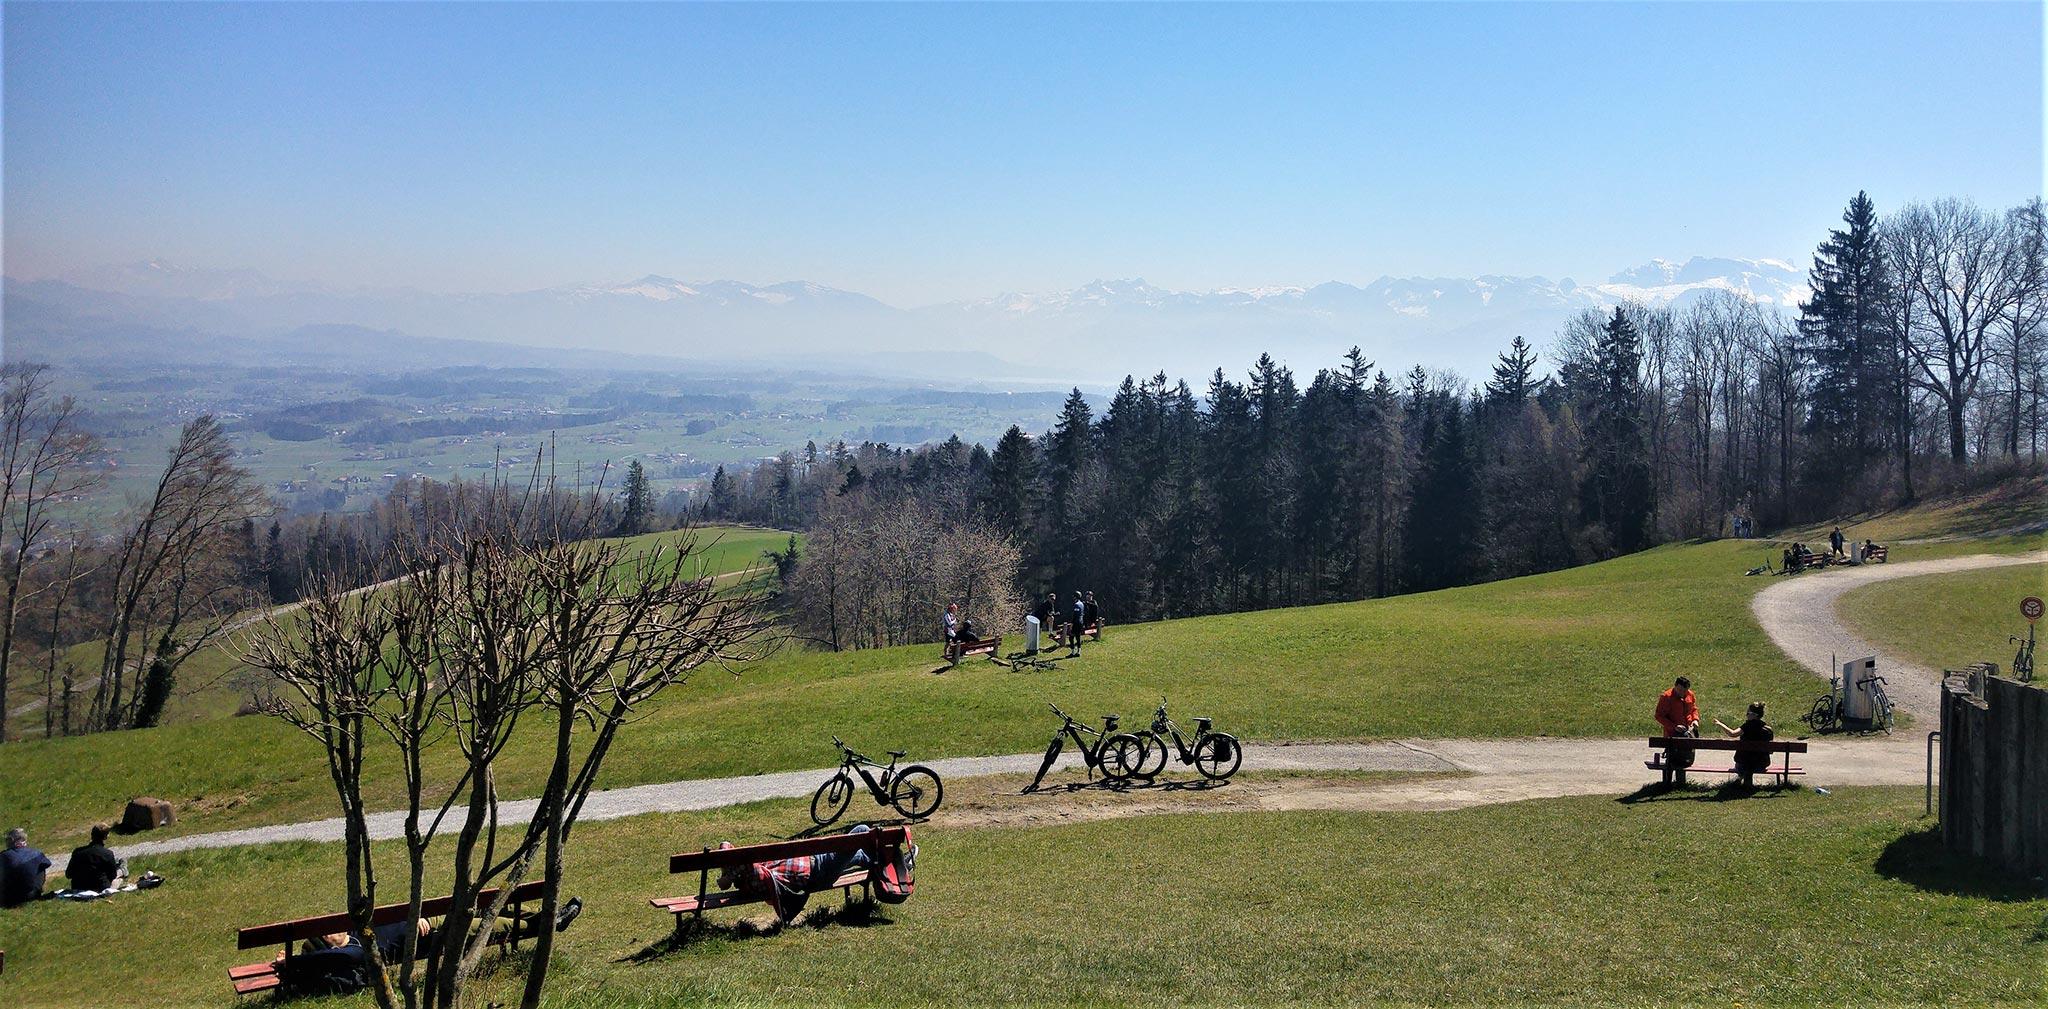 Zürichiläiset rakastavat pyötäilyä ja patikointia. Joillekin vuoristoalueille pääsyä on jouduttu rajoittamaan tungoksen takia. Kuva © Liisa Helve-Sibaja